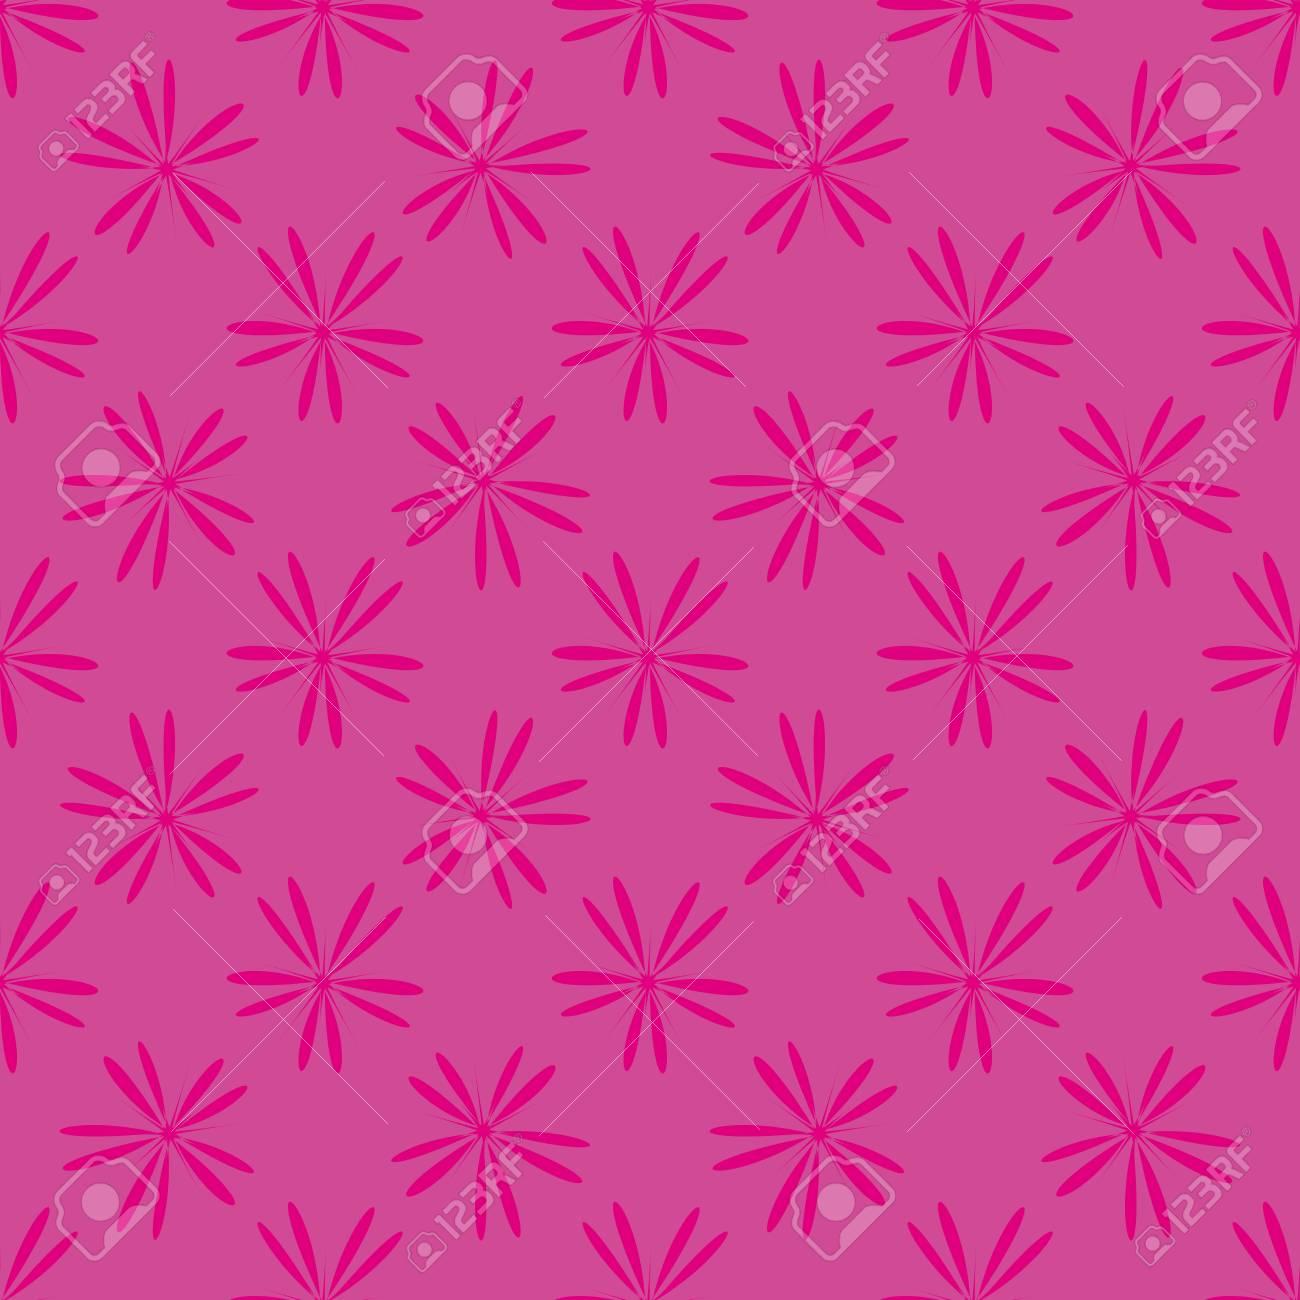 ピンクの花のシームレスなパターン ファッション ナチュラルな